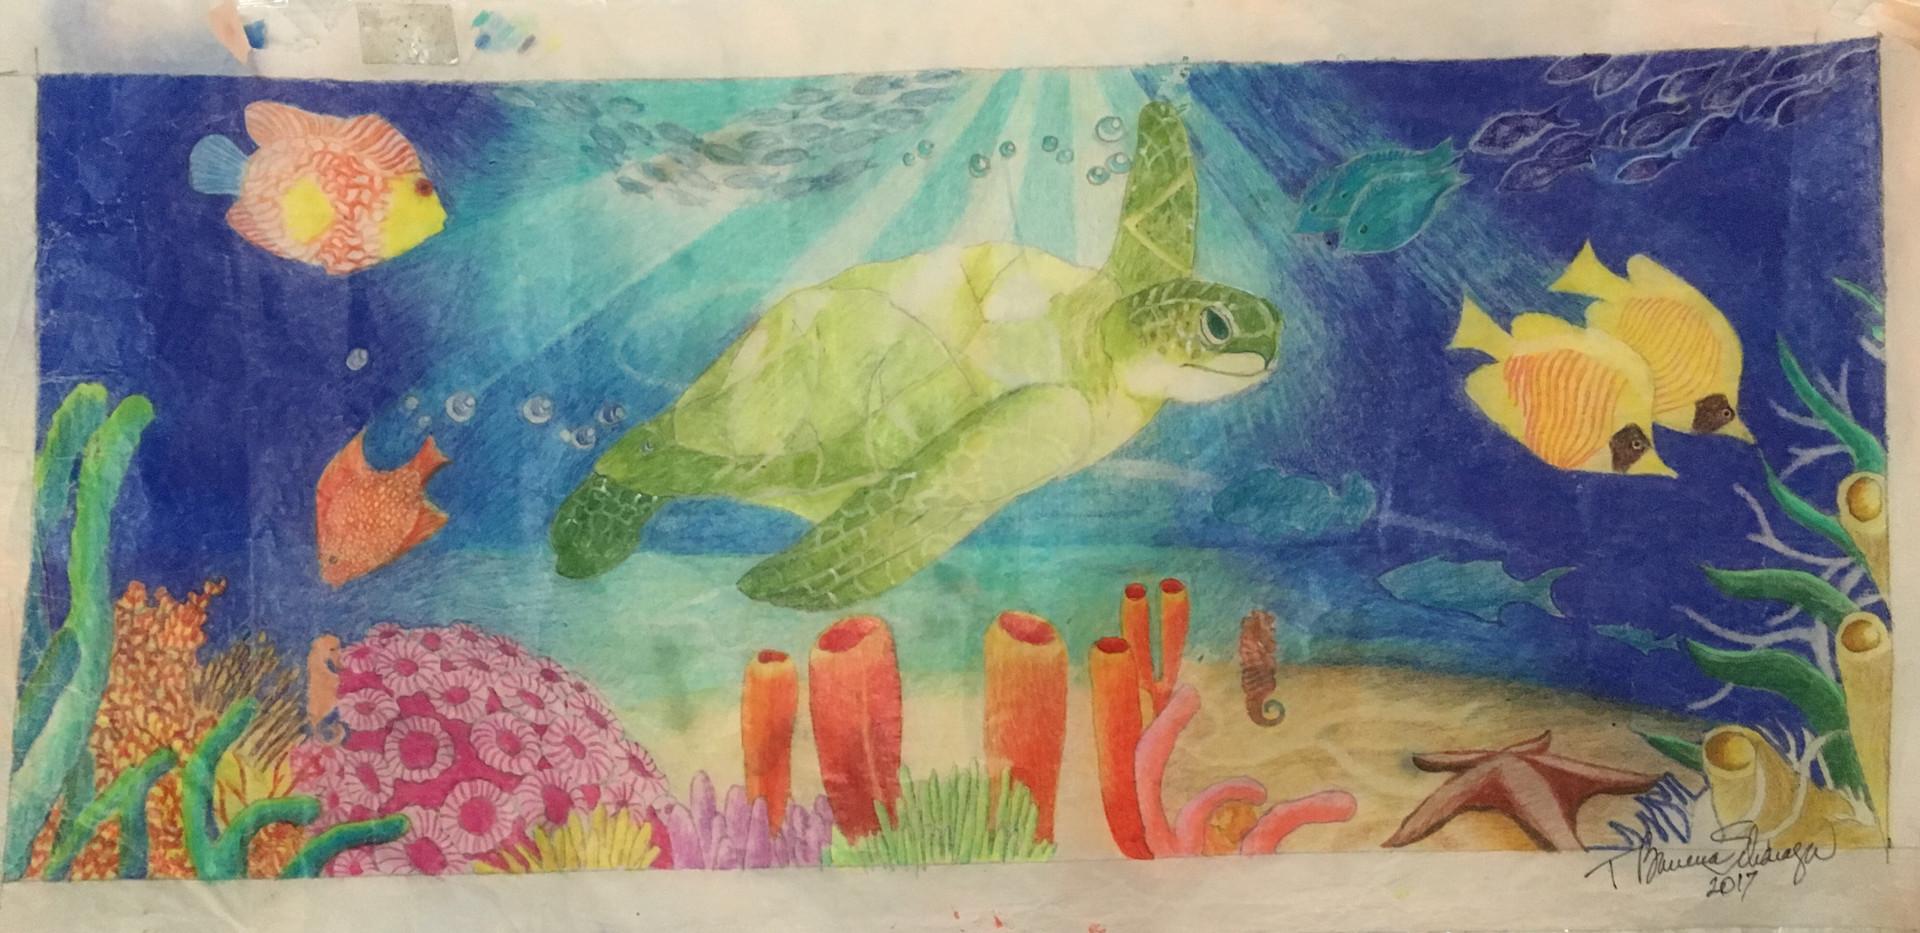 TBScharaga_TurtleMural_1077.JPG